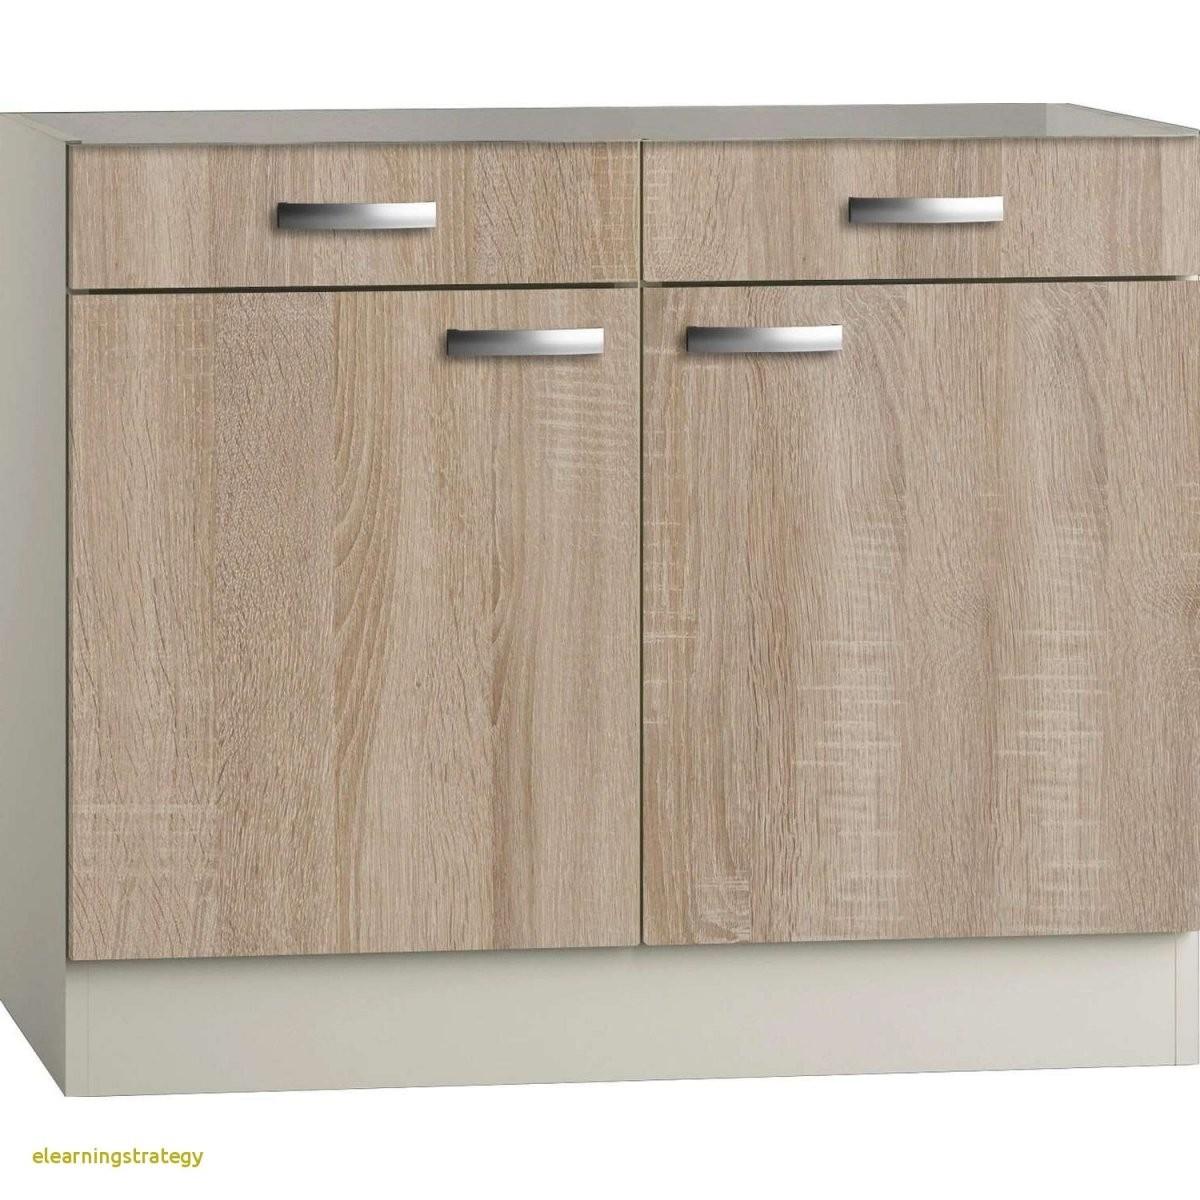 Kühlschrank 45 Cm Breit — Haus Möbel von Kühlschrank 100 Cm Breit Bild